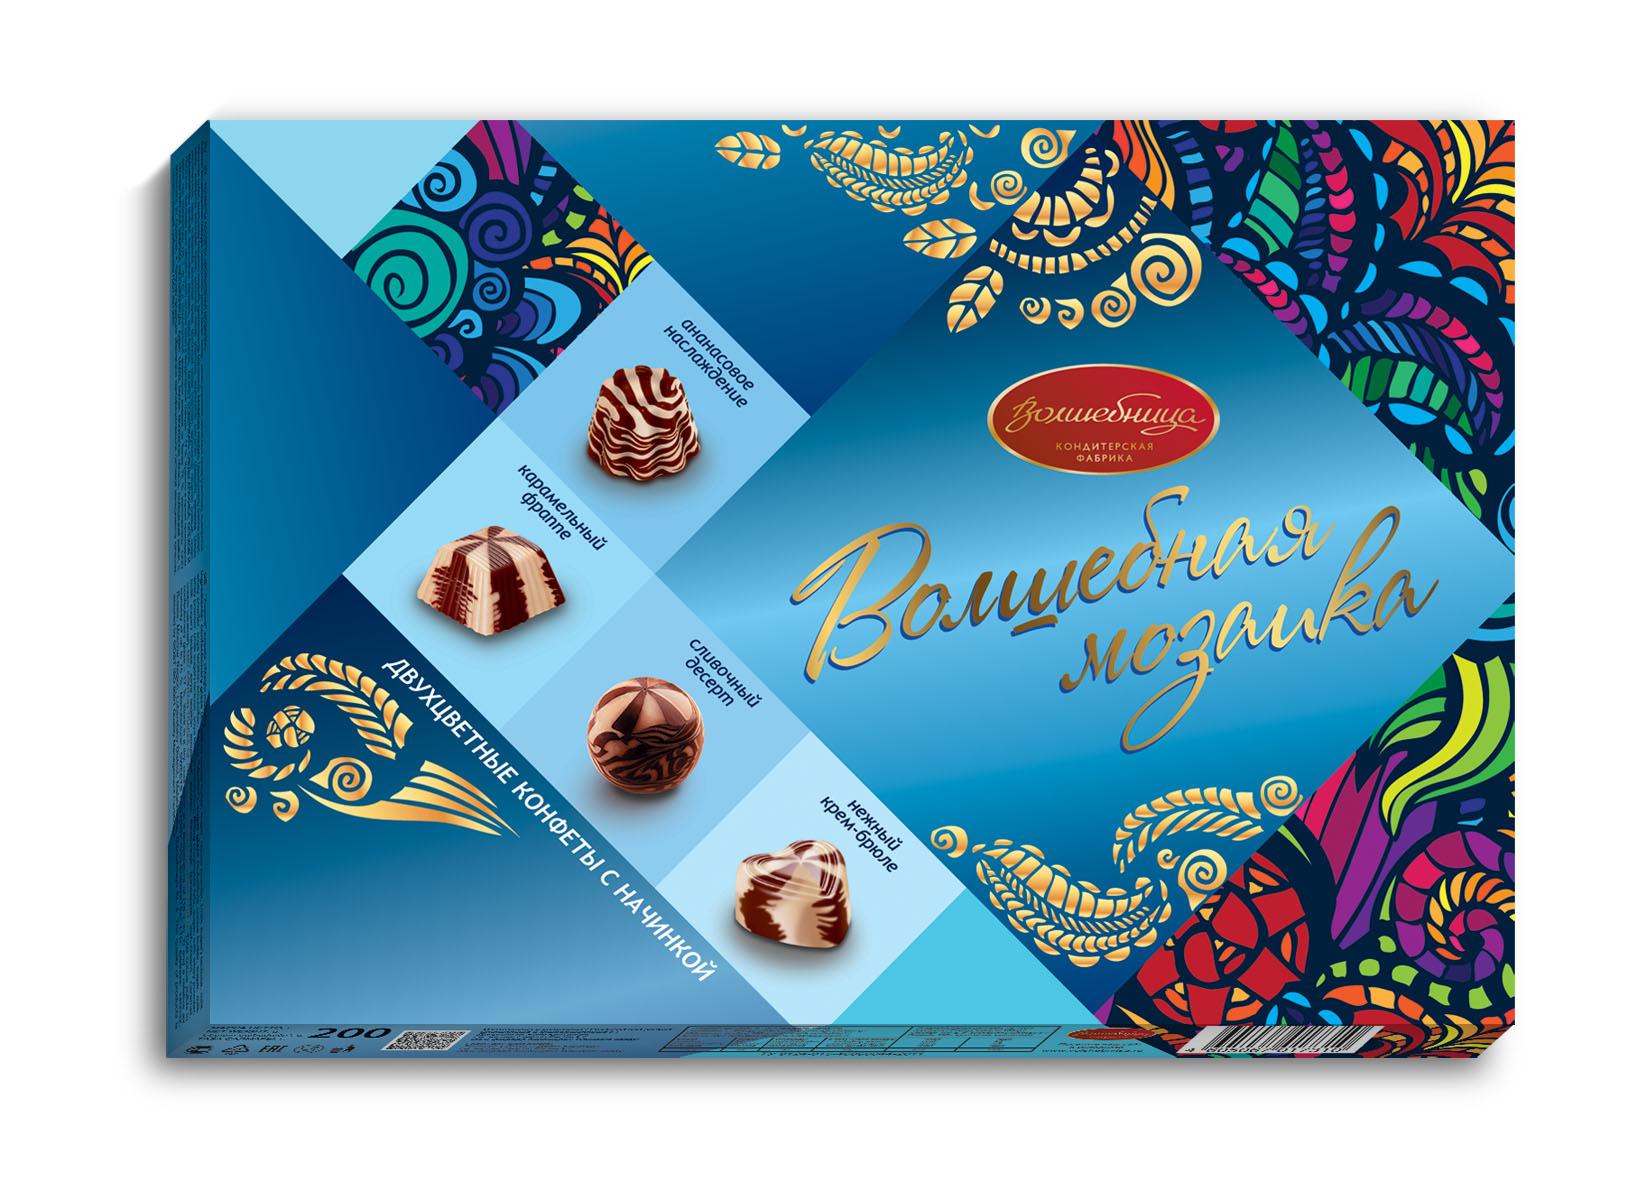 Волшебница Волшебная мозаика конфеты двухслойные с начинками, 200 г1.6498Набор двухцветных конфет ассорти с 4-мя популярными начинками - карамельной, сливочной, ананасовой, крем-брюле. Целая палитра вкусов в одной конфете - выбор максималистов. Интересное решение для запоминающегося подарка.